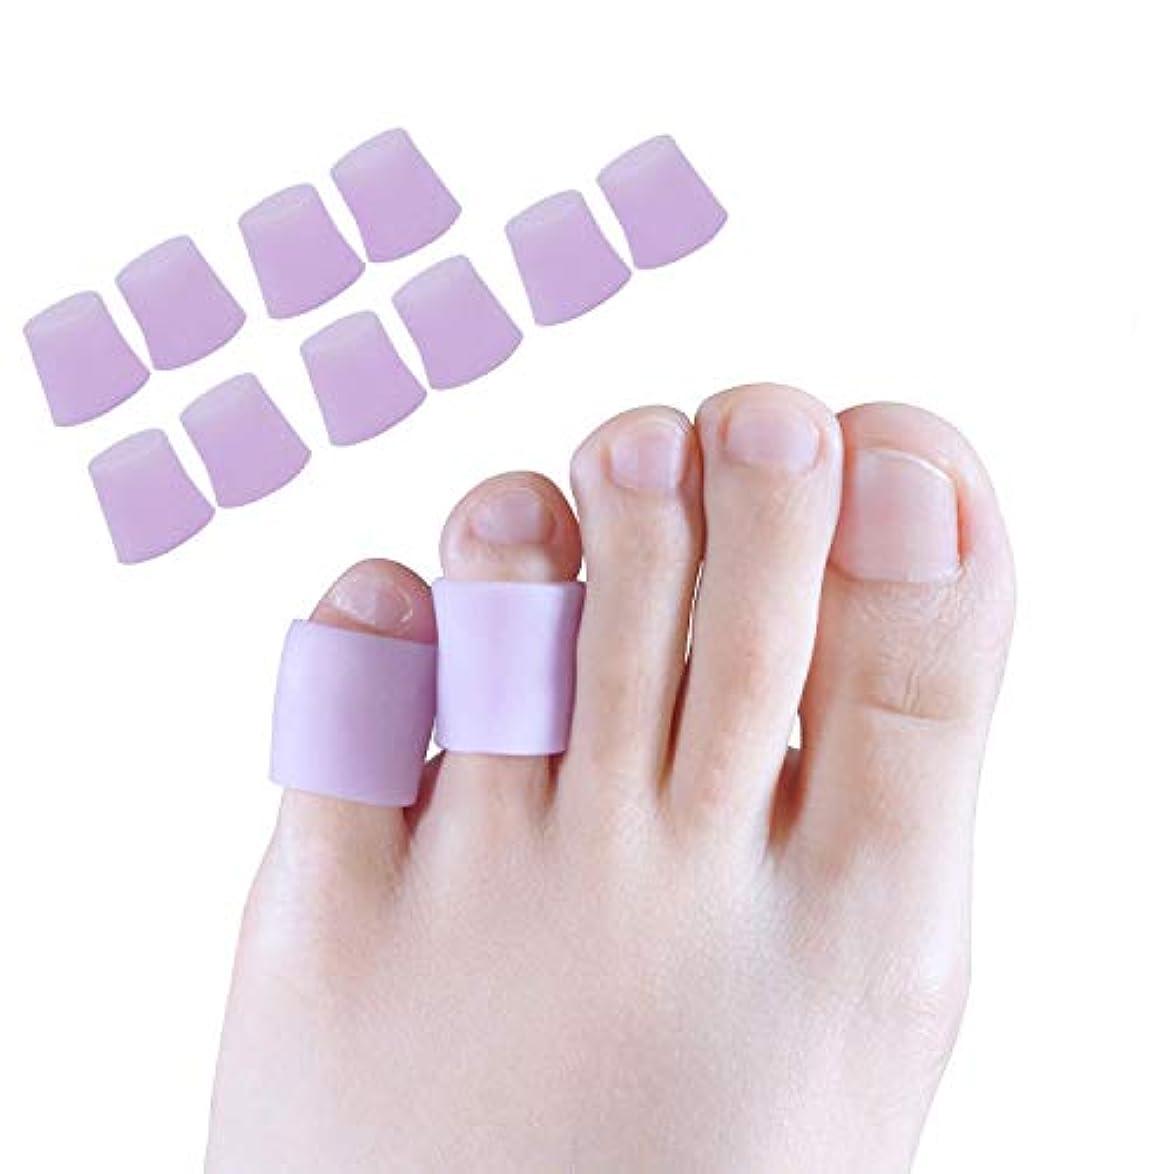 バレエ不屈条件付き足指保護キャップ 足指 足爪 保護キャップ 小指 5ペアパープル